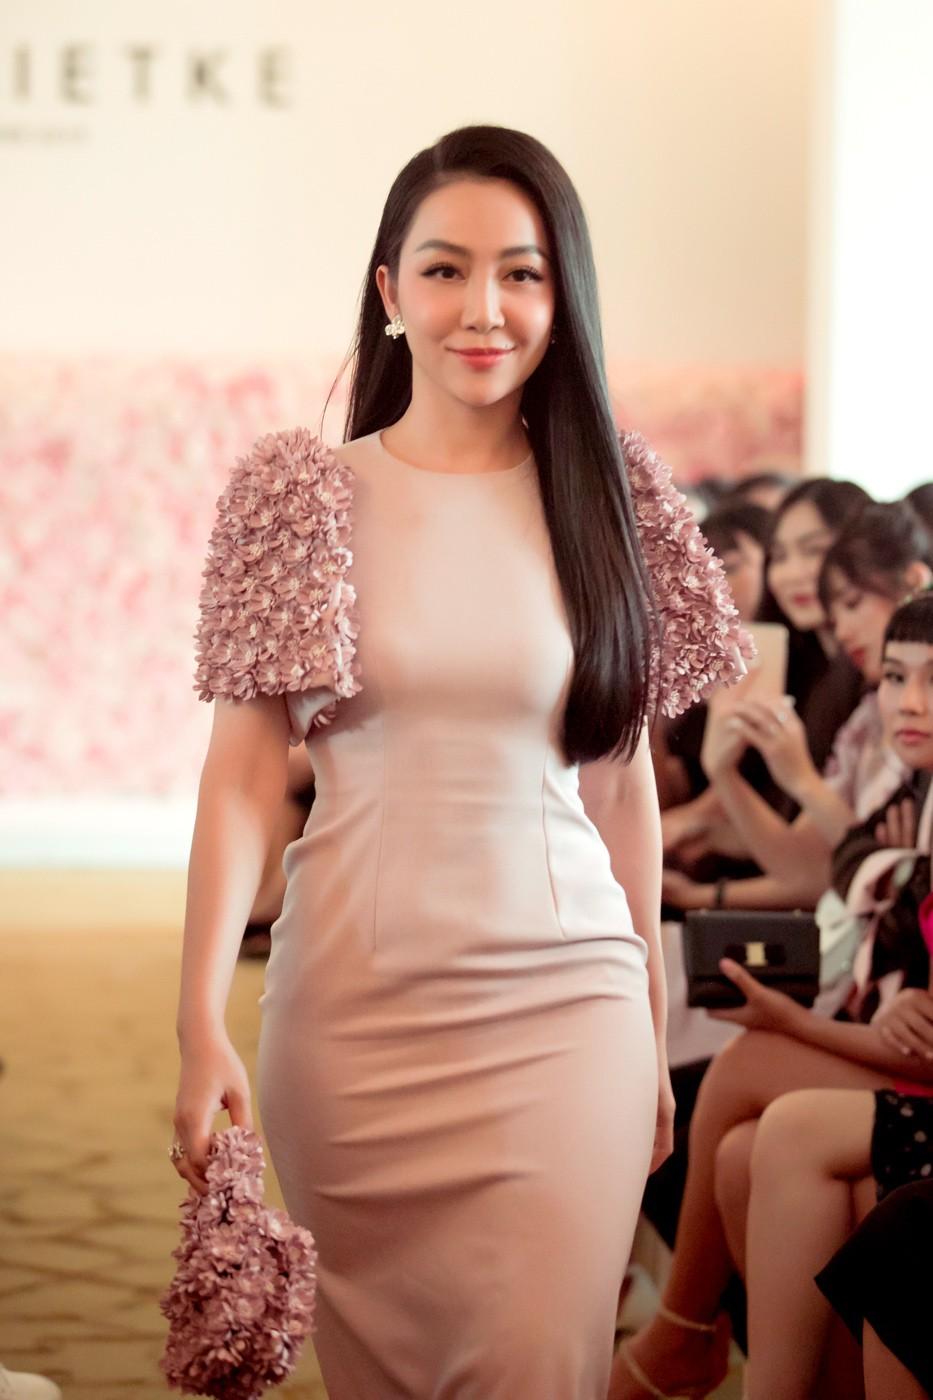 """Linh Nga, Tuyết Lan trở thành vedette ra mắt bộ sưu tập """"The First Dress"""" - Ảnh 1."""